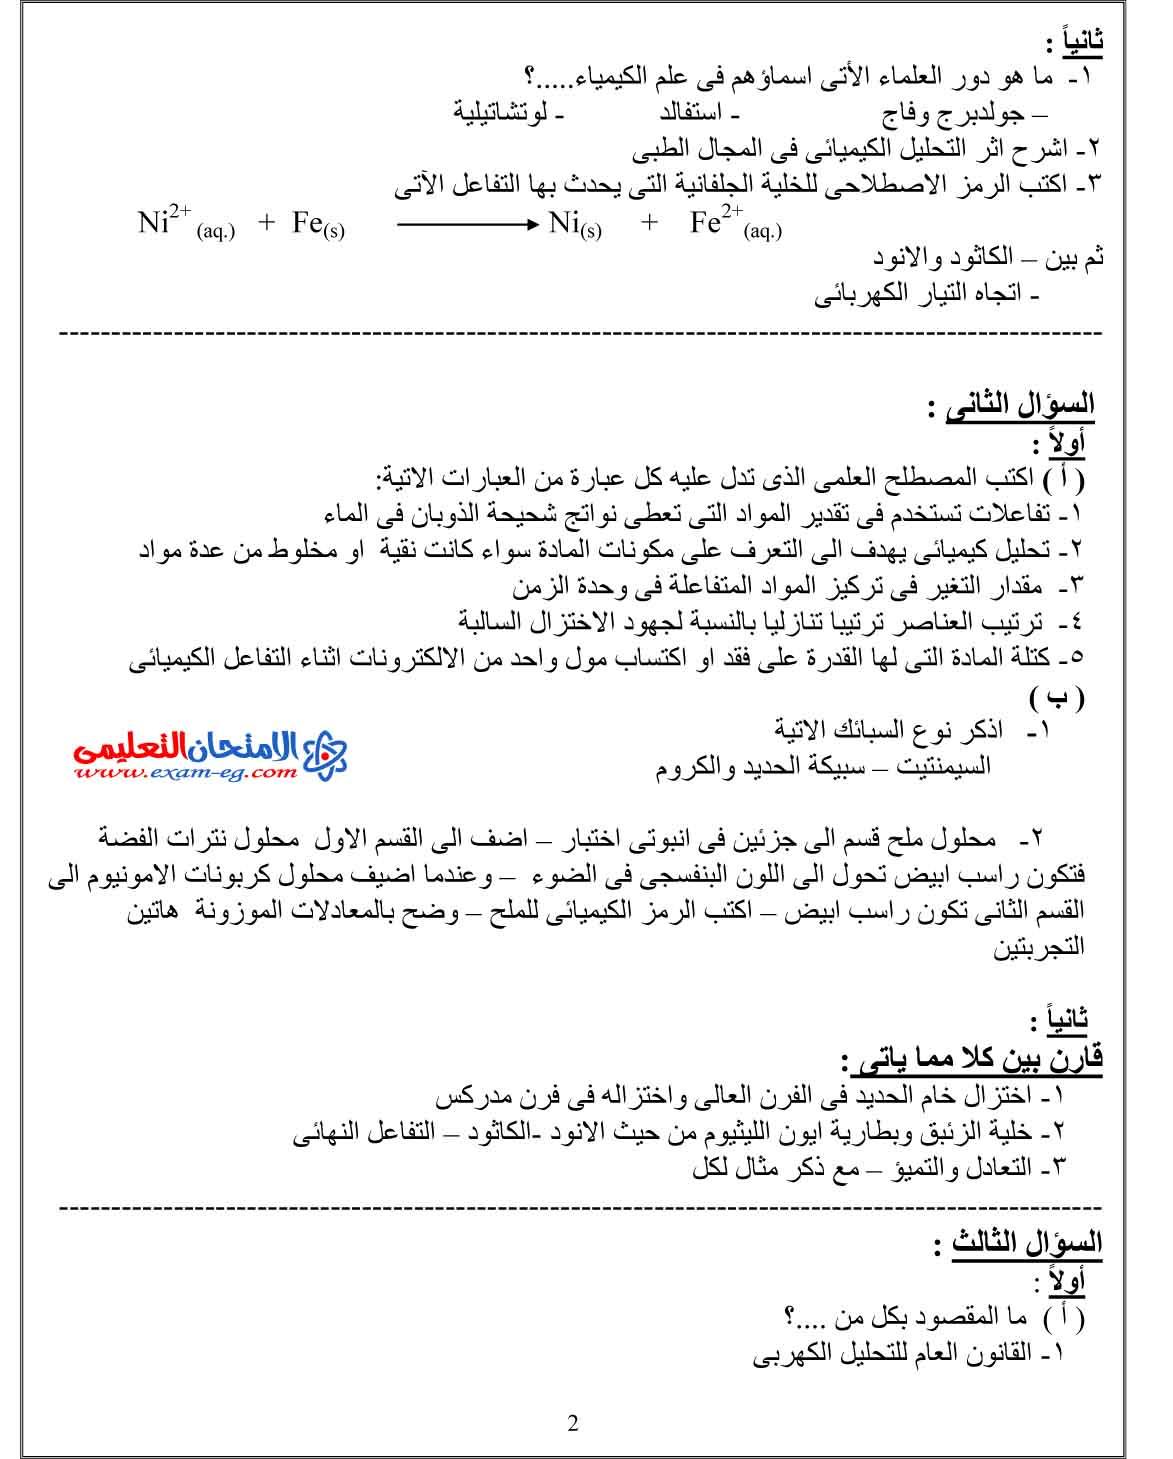 امتحان الكيمياء 3 - الامتحان التعليمى-2